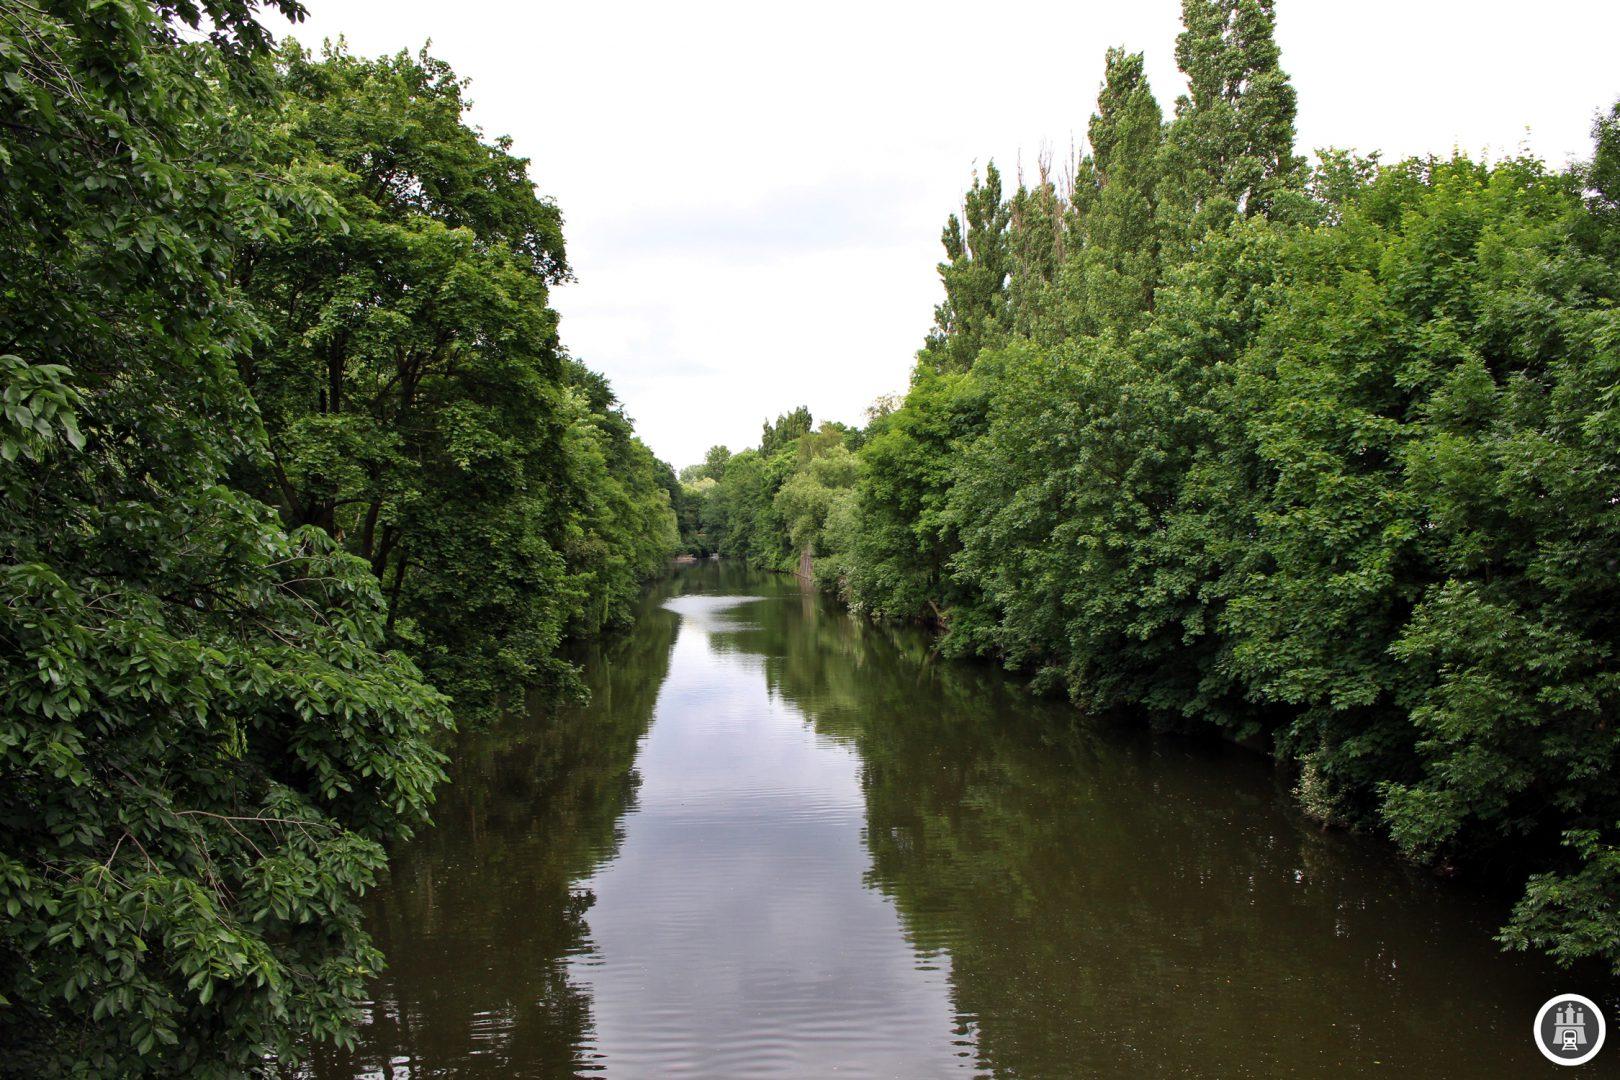 Der Osterbekkanal wurde von 1863 bis 1912 ausgehoben, um eine Anbindung der örtlichen Industriebetriebe zur Verfügung zu stellen, beziehungsweise diese anzulocken. Die ausgehobenen Erdmassen wurden für verschiedene Bahnstrecken genutzt. Weiter nördlich ist der Kanal noch in Fluss, die Osterbek schließt sich der Seebek an.